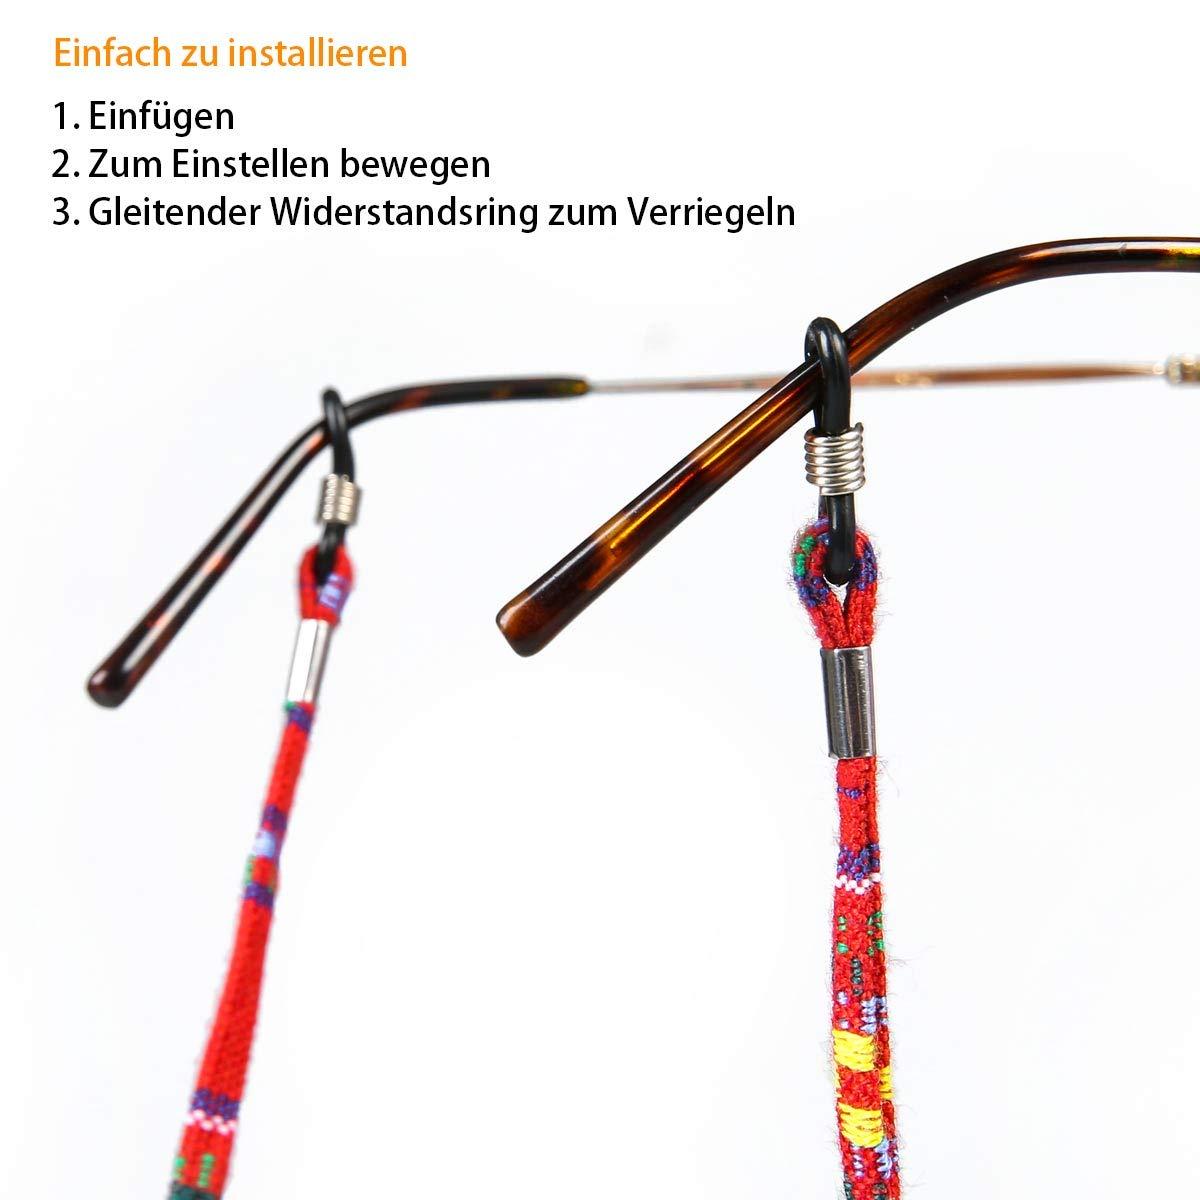 Brillenkordel Brillenschnur 8 St/ück Brillenband Multicolor geflochtenes Seil f/ür Sonnenbrille und Lesebrille Brillen Schnur Lanyard Brillenb/ändel Brillenkette